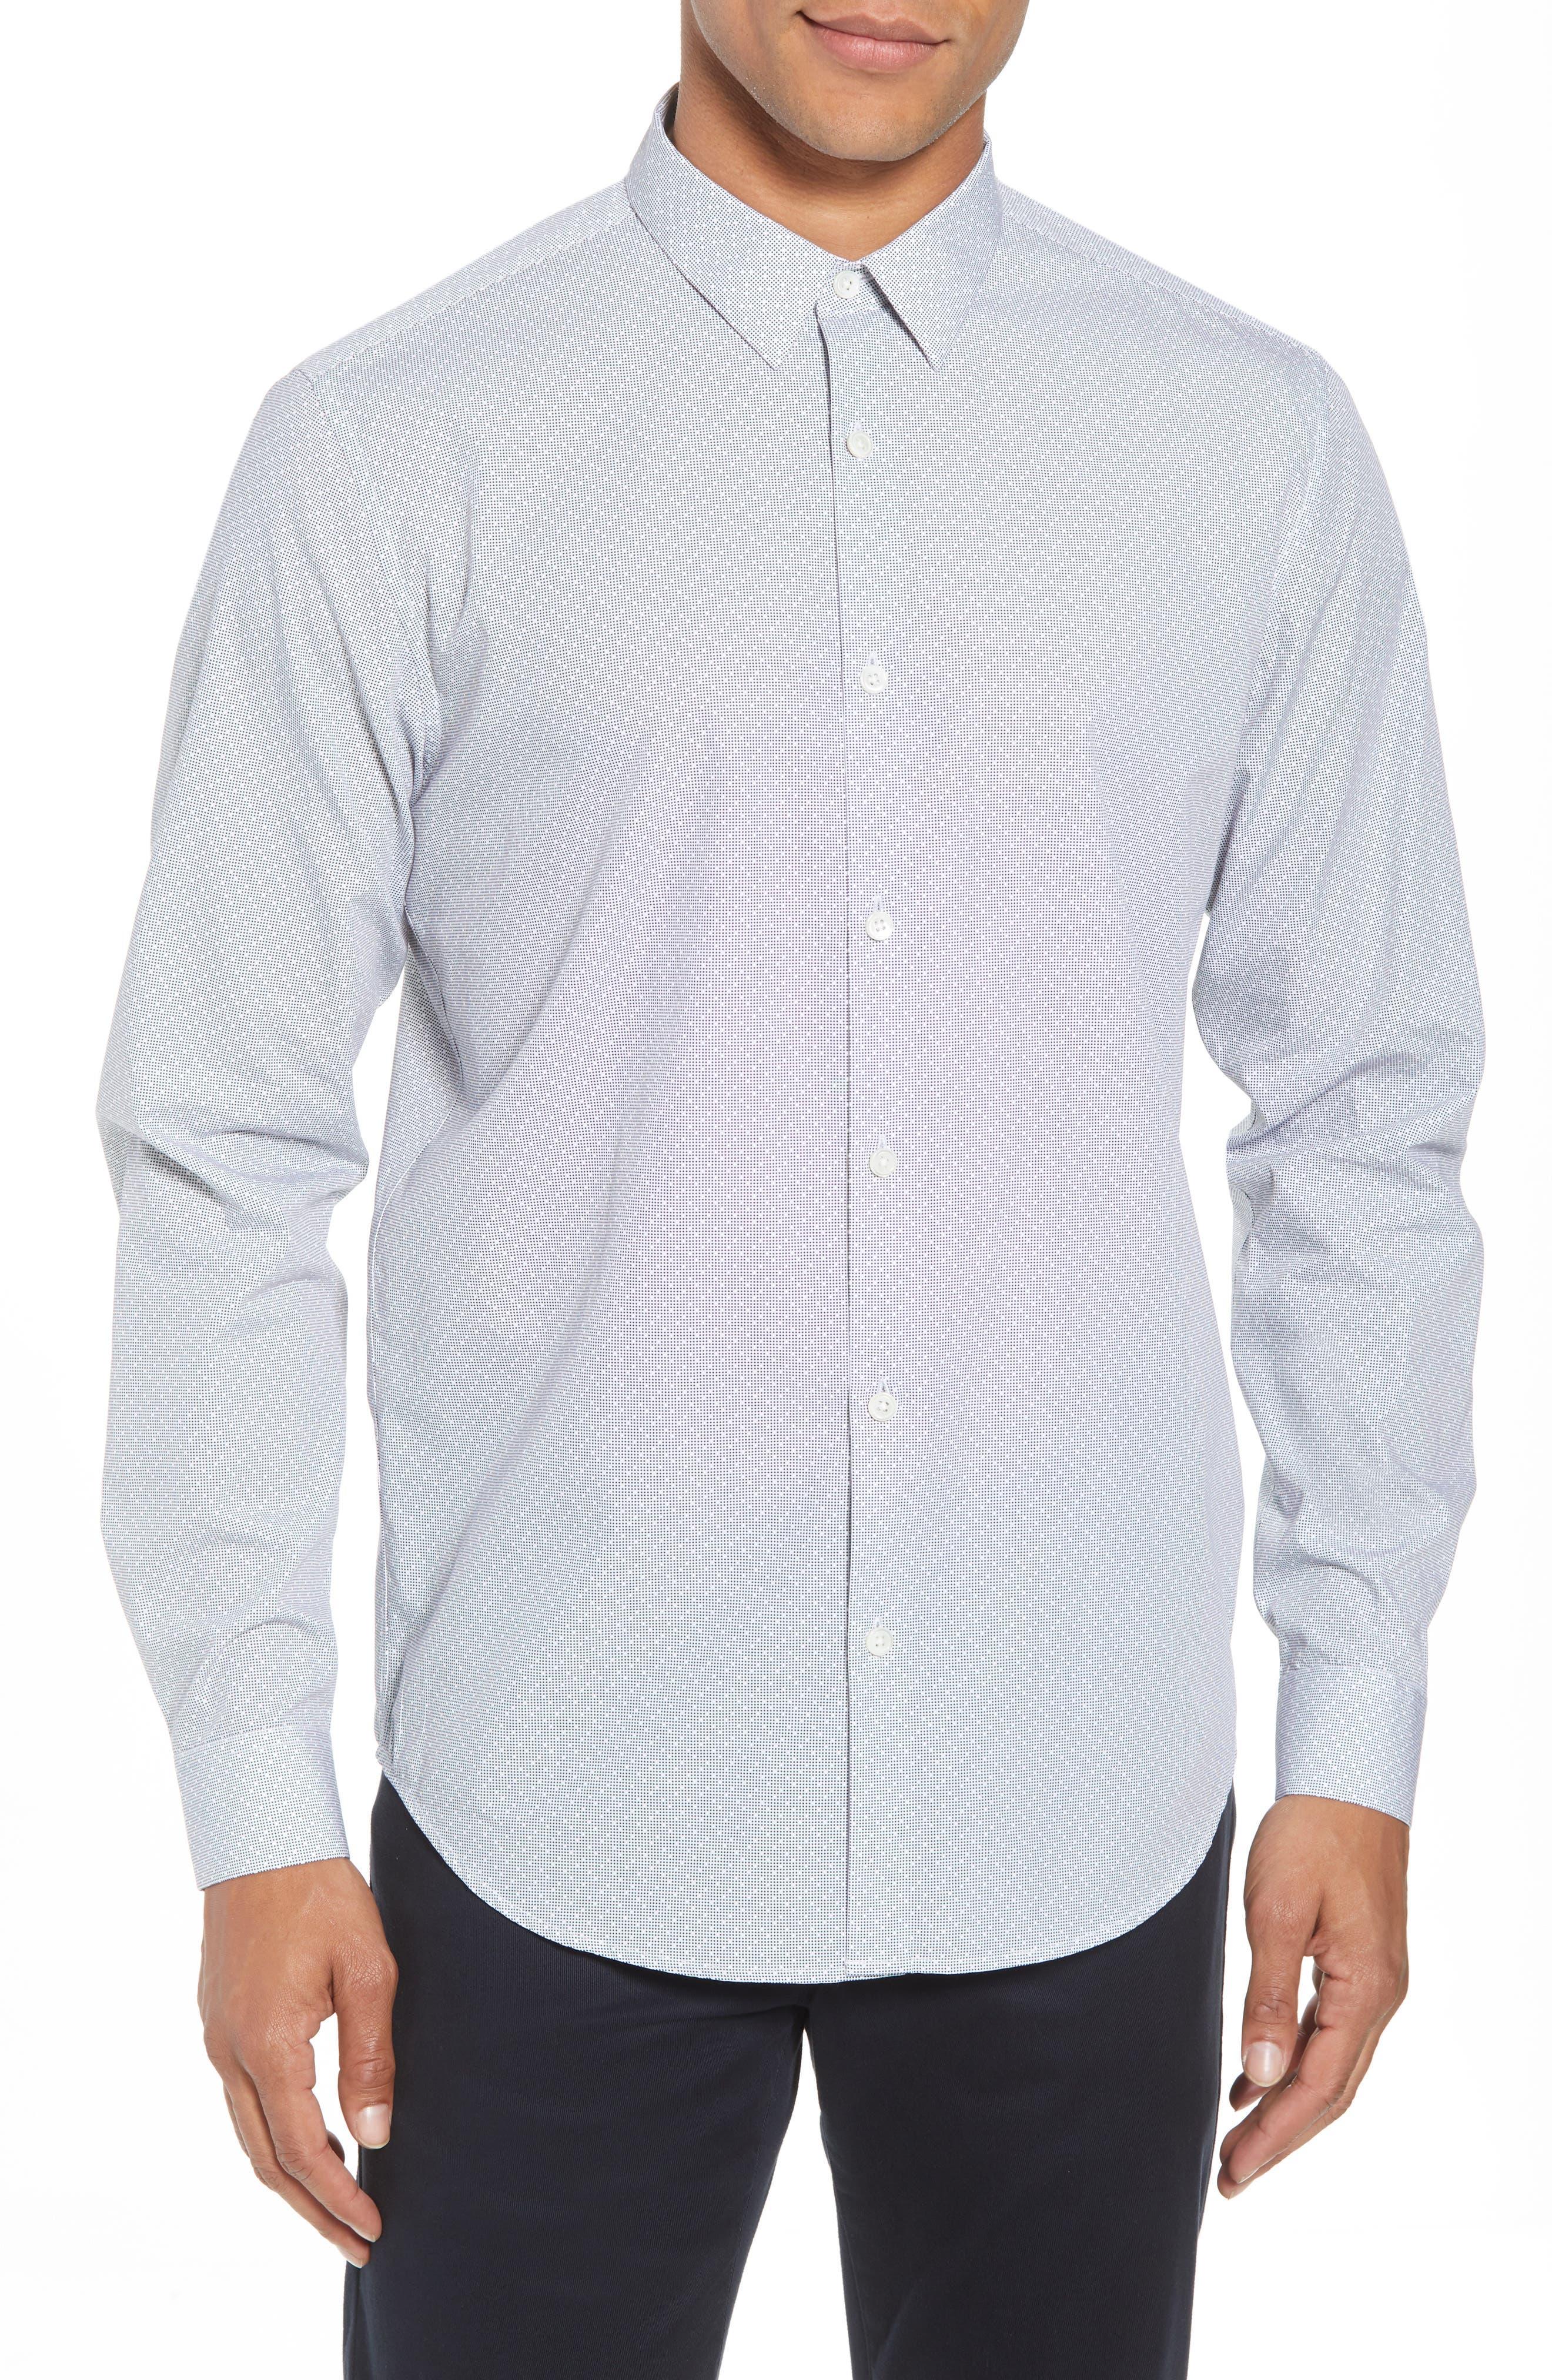 Murray Trim Fit Pixel Print Sport Shirt,                         Main,                         color, Eclipse Multi